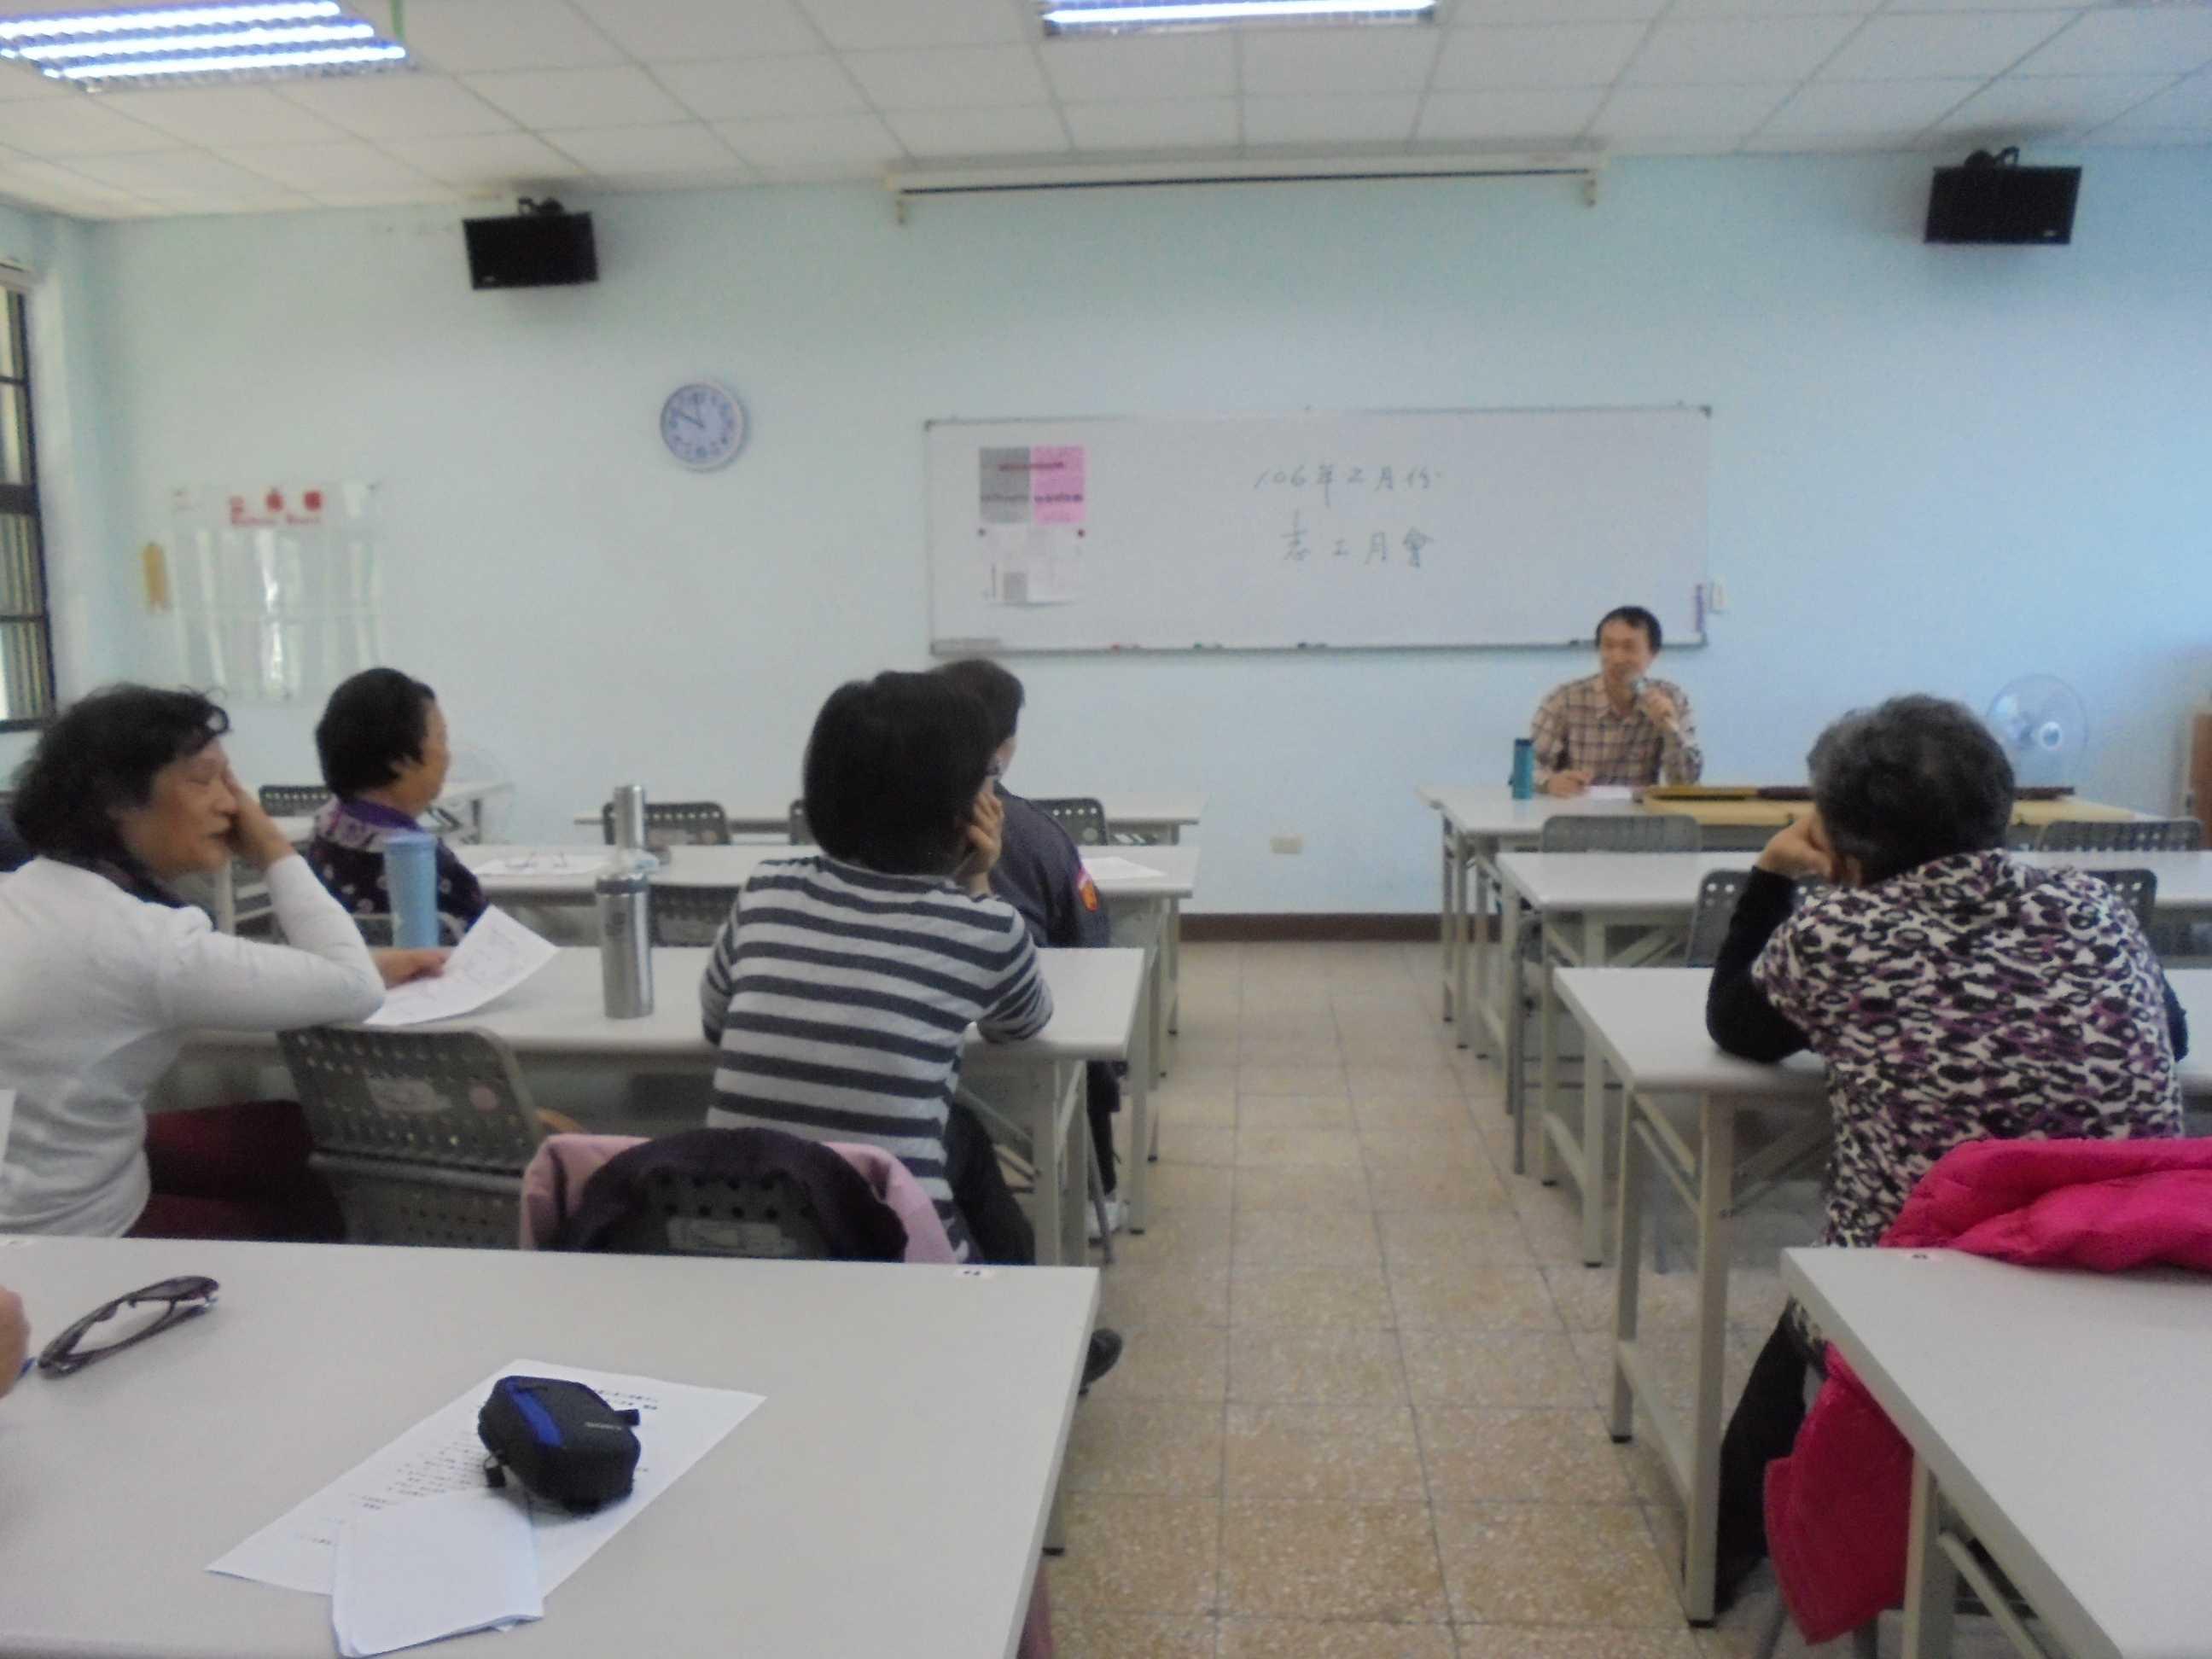 高雄市鳳山老人活動中心106年2月份志工月會